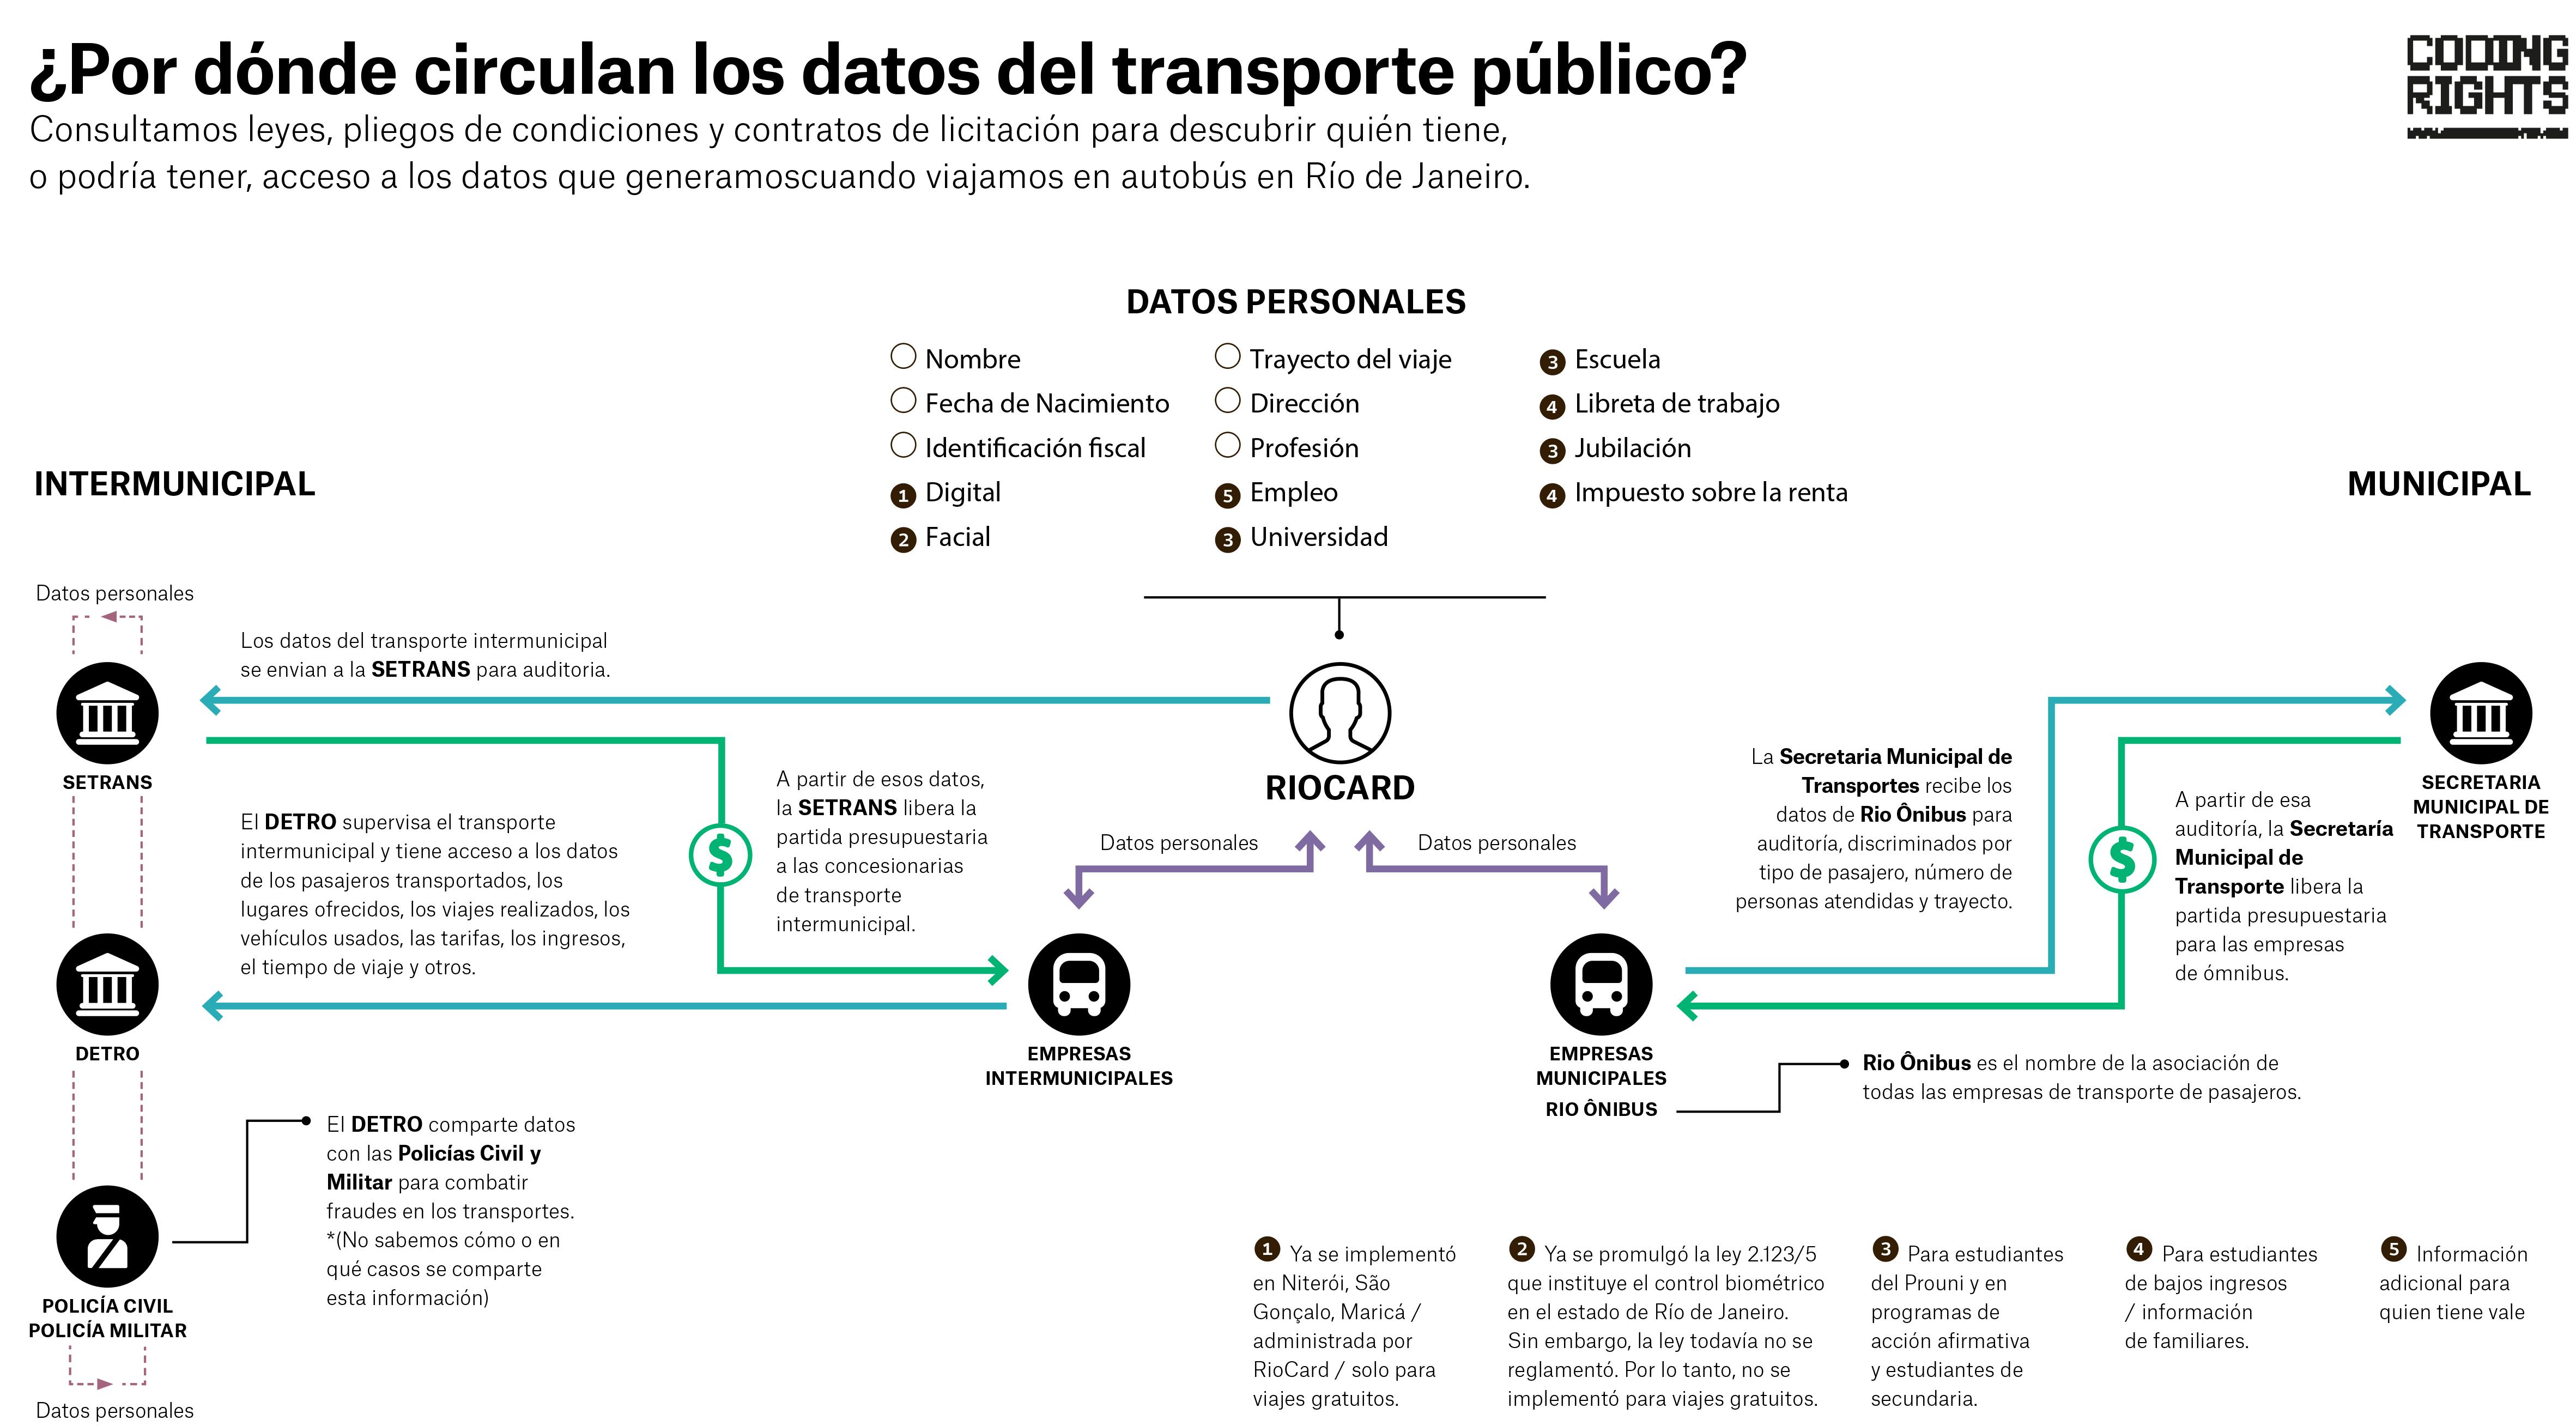 RioCard: concentración de datos y dinero en el transporte público ...